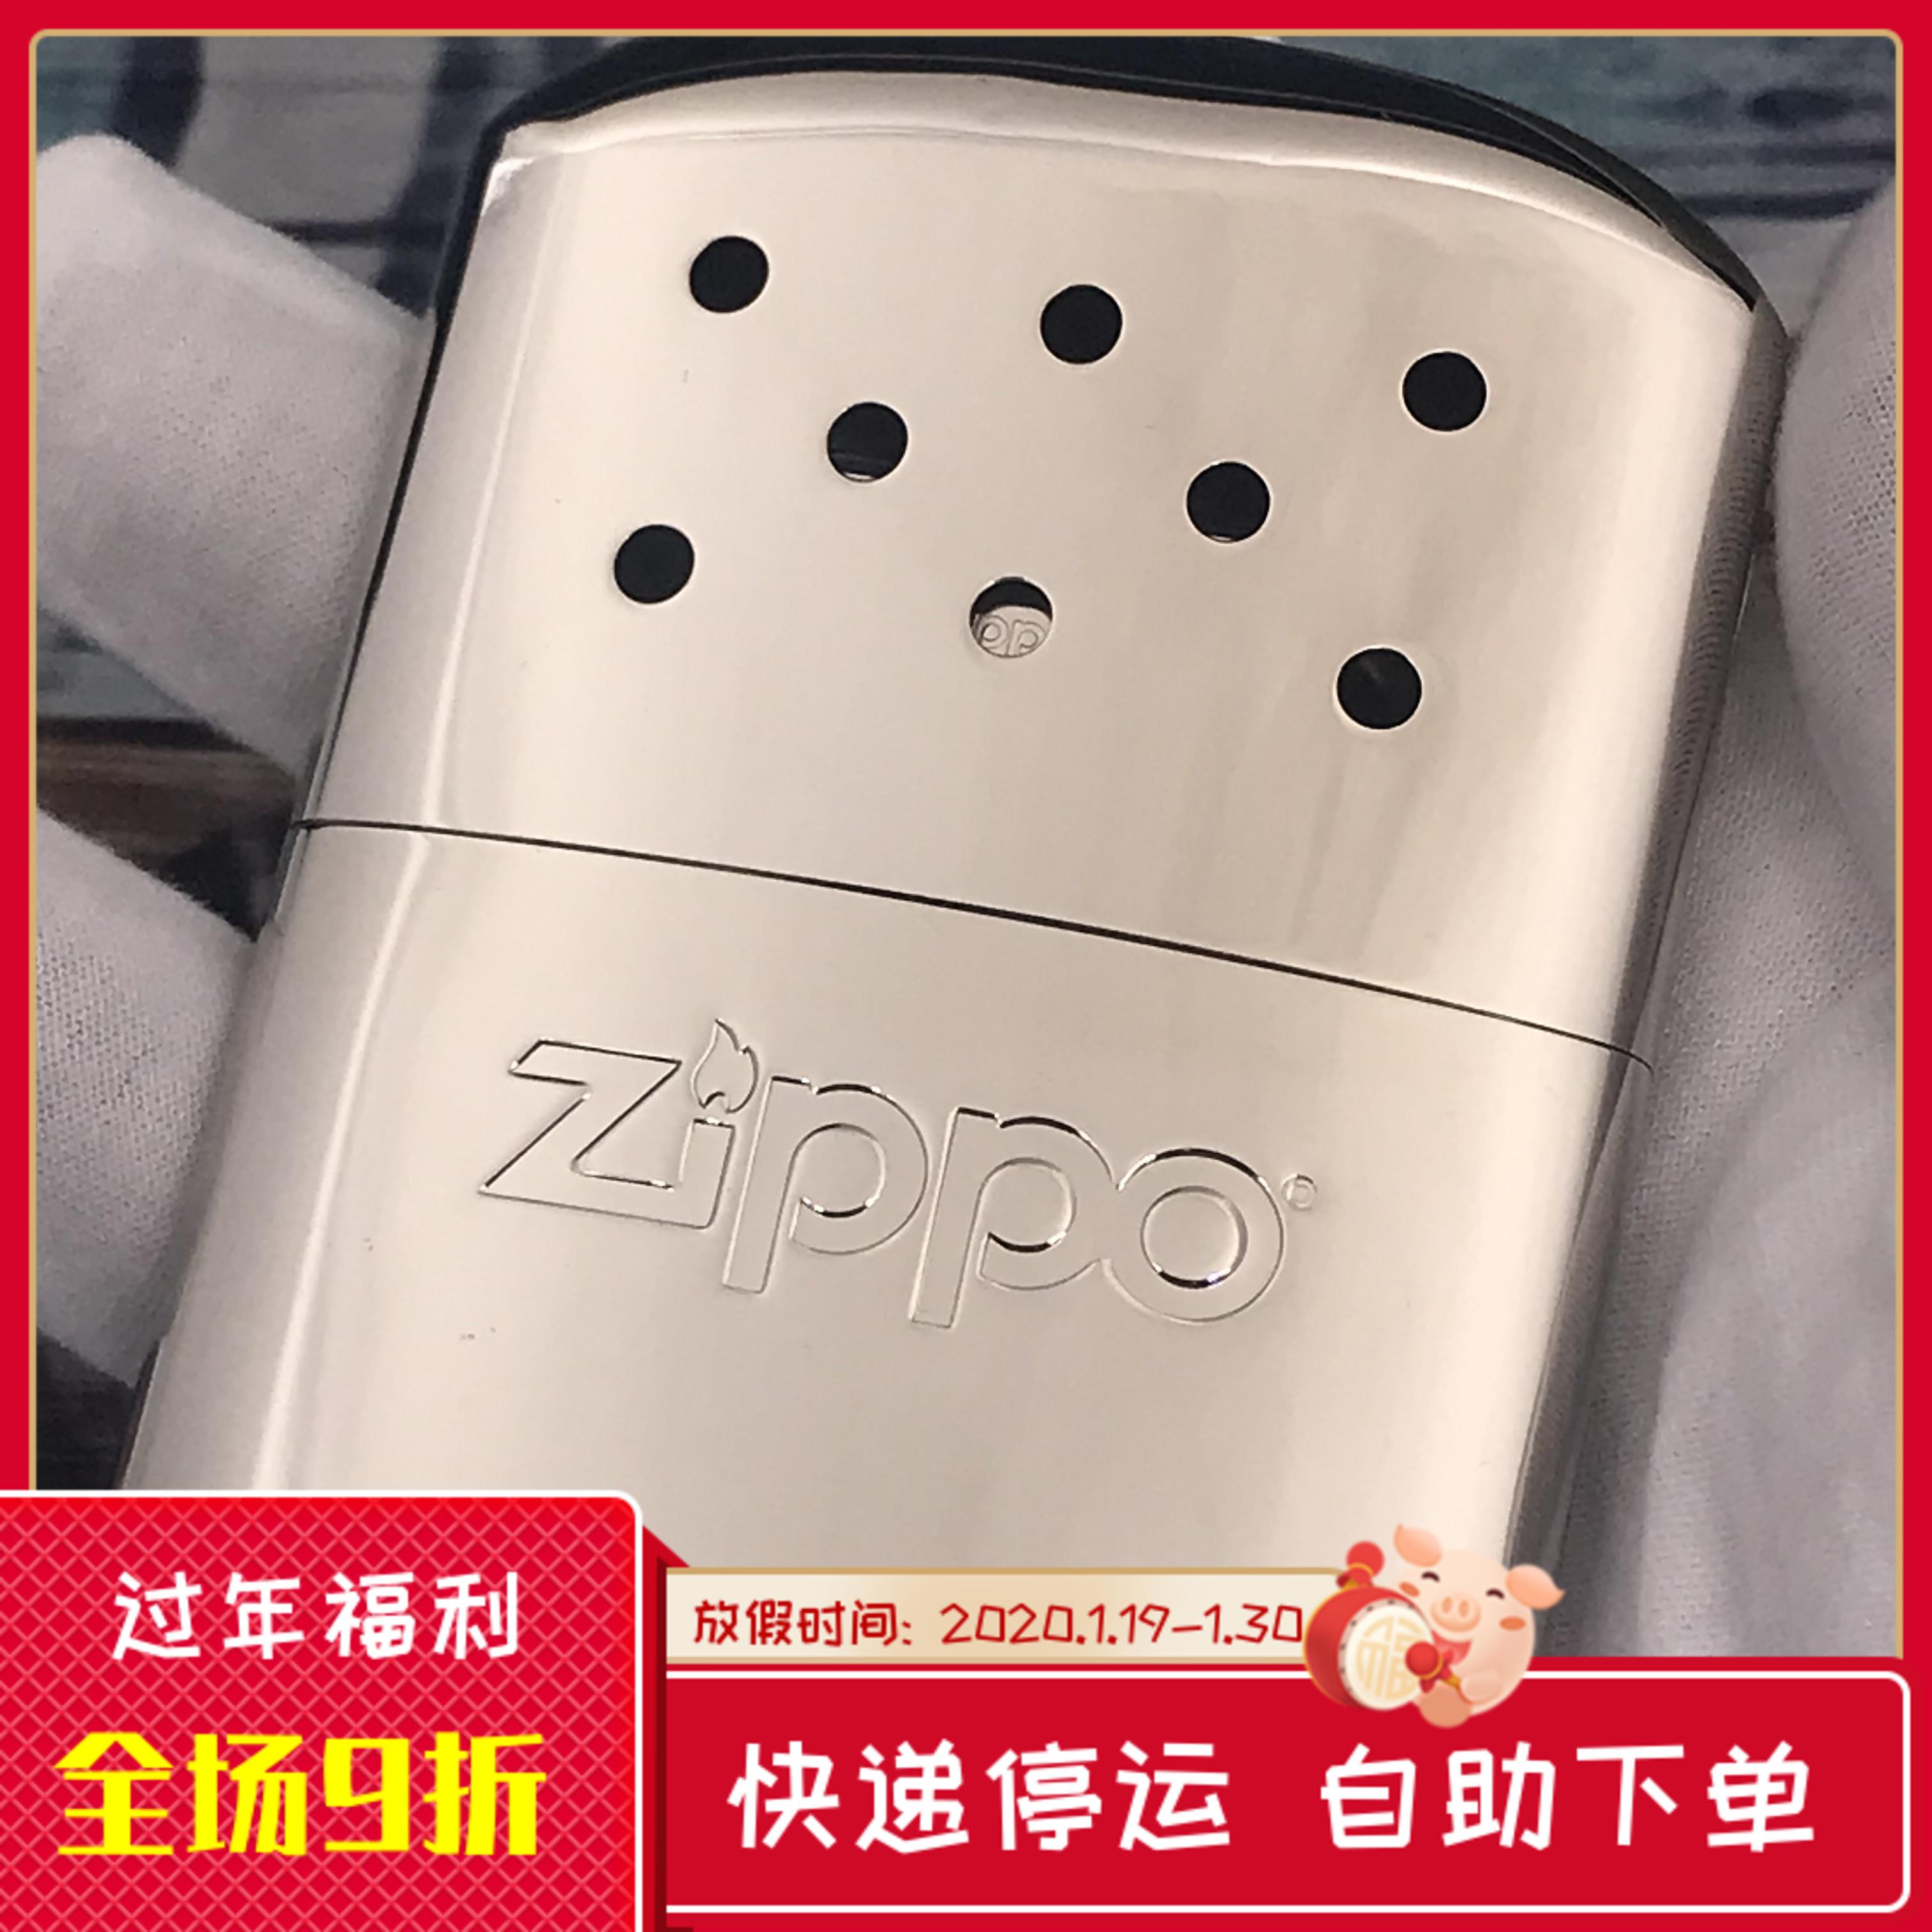 【祝融火具】原装日版高档ZIPPO怀炉纯铜暖手炉暖手宝